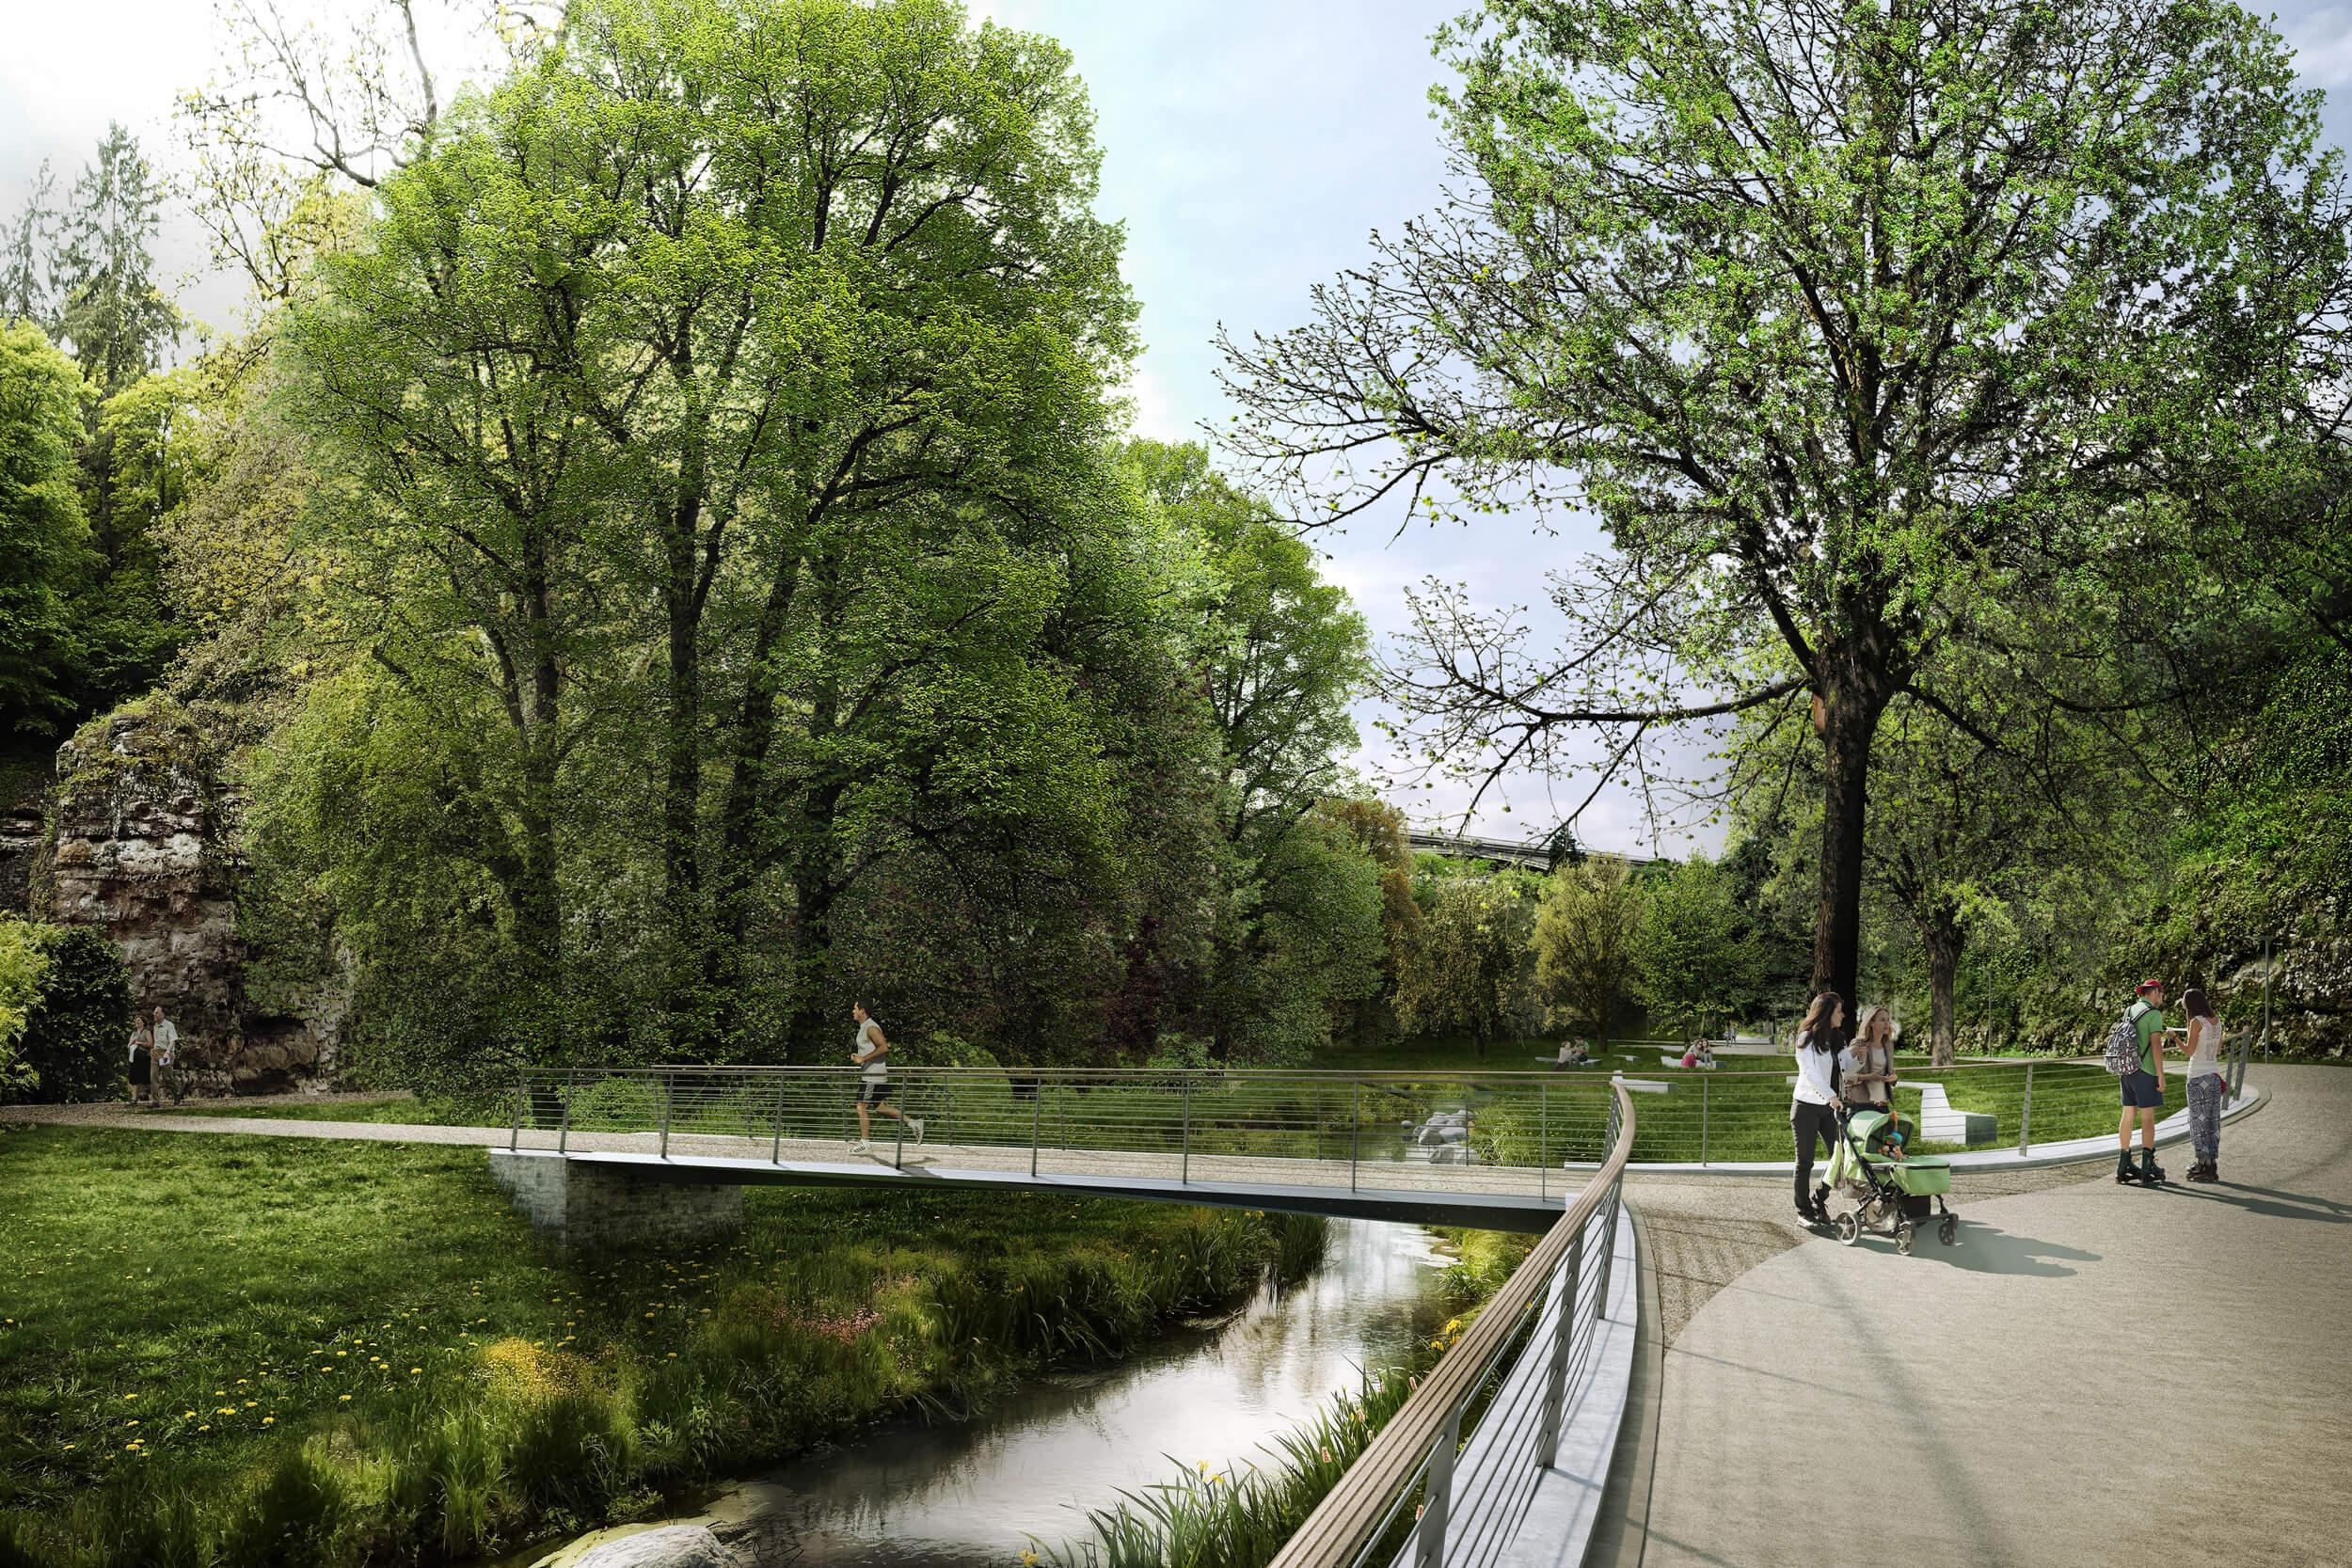 Vallee de la Petrusse Perspektive Park Mitte